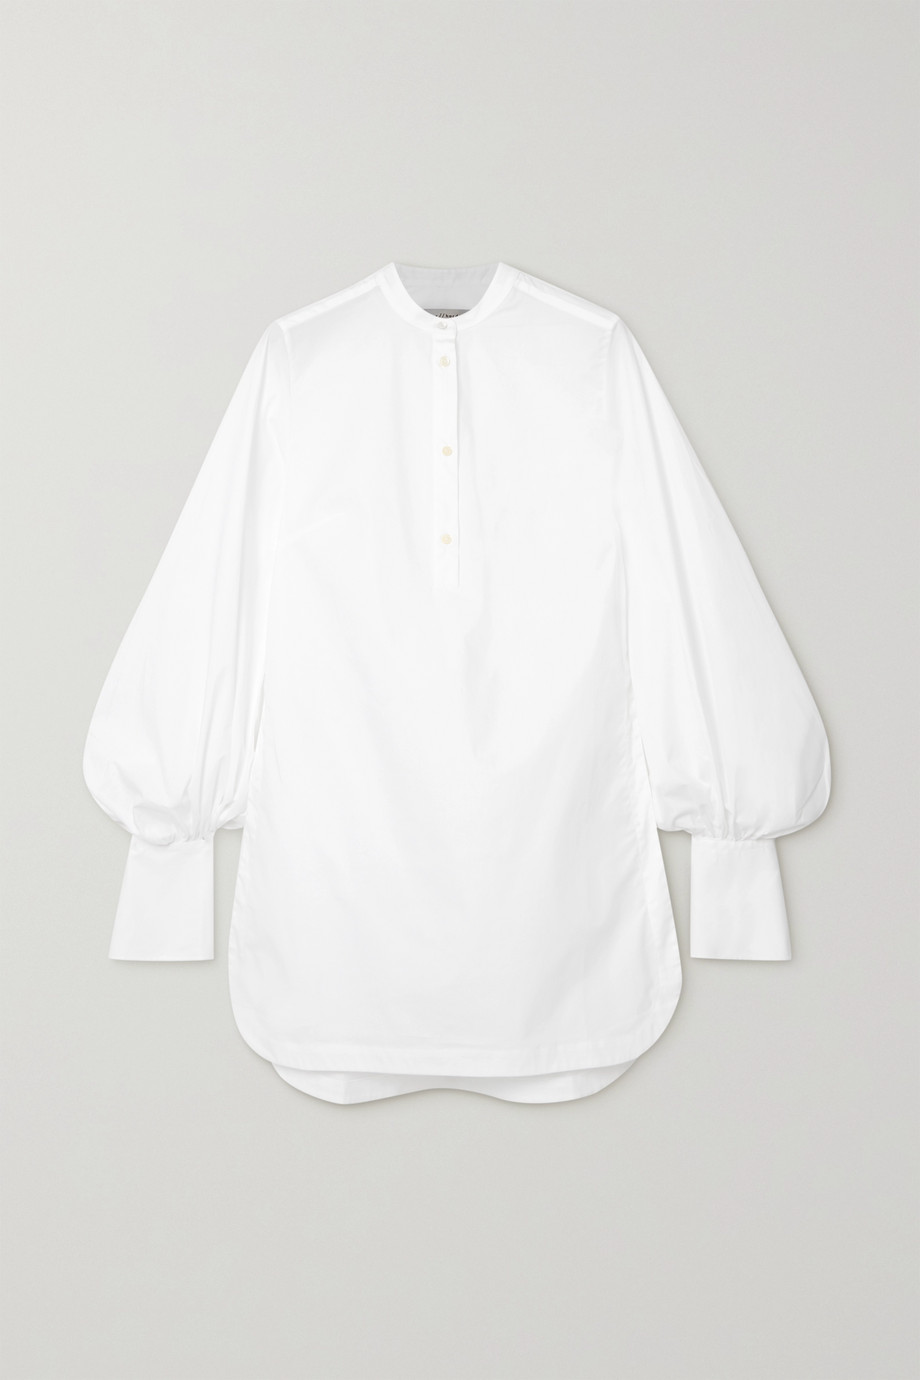 palmer//harding Kapori Hemd aus Popeline aus einer Baumwollmischung